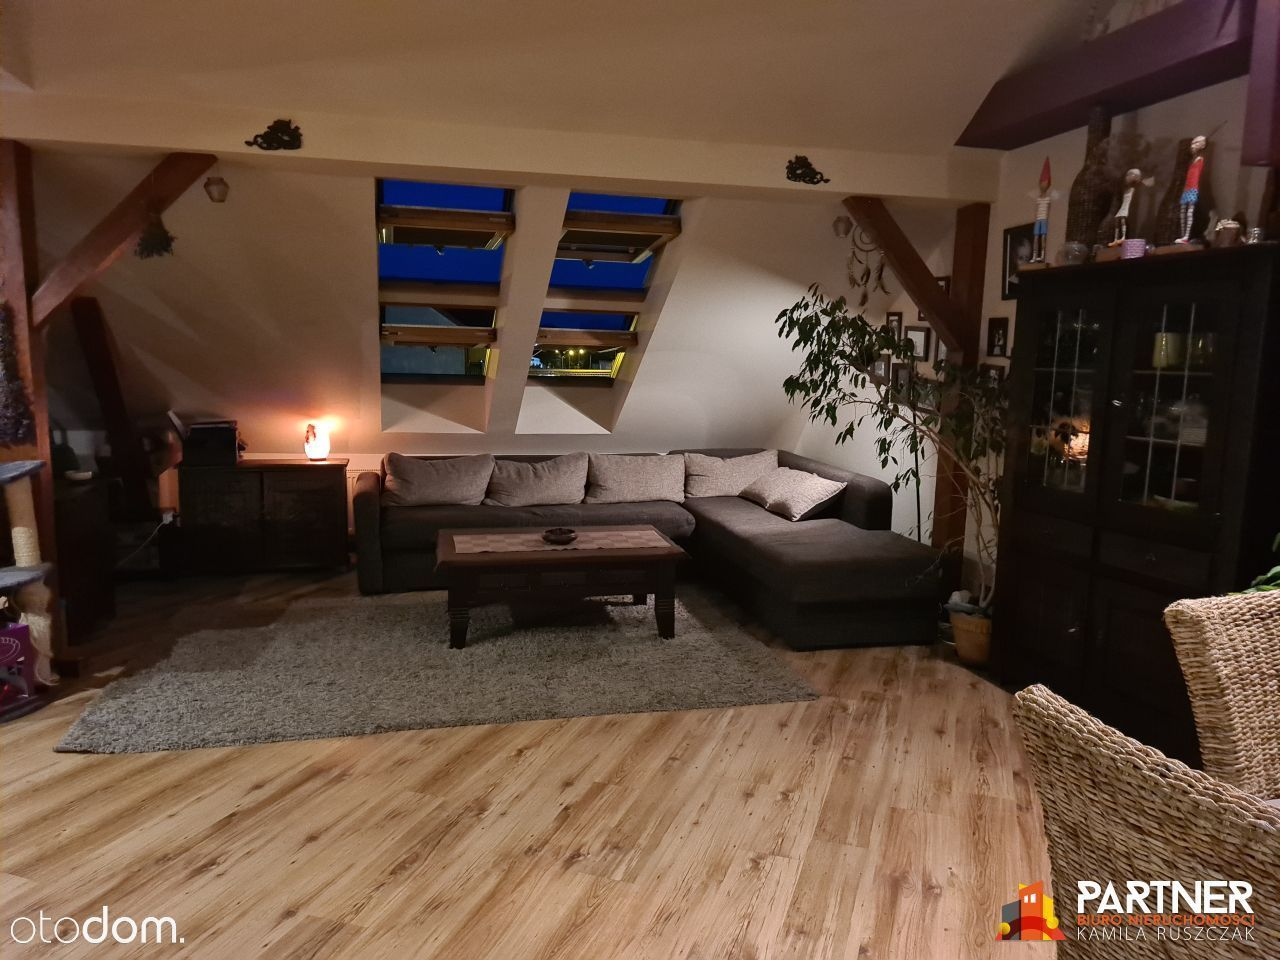 Klimatyczne przestronne mieszkanie 90 m2 / 63 m2